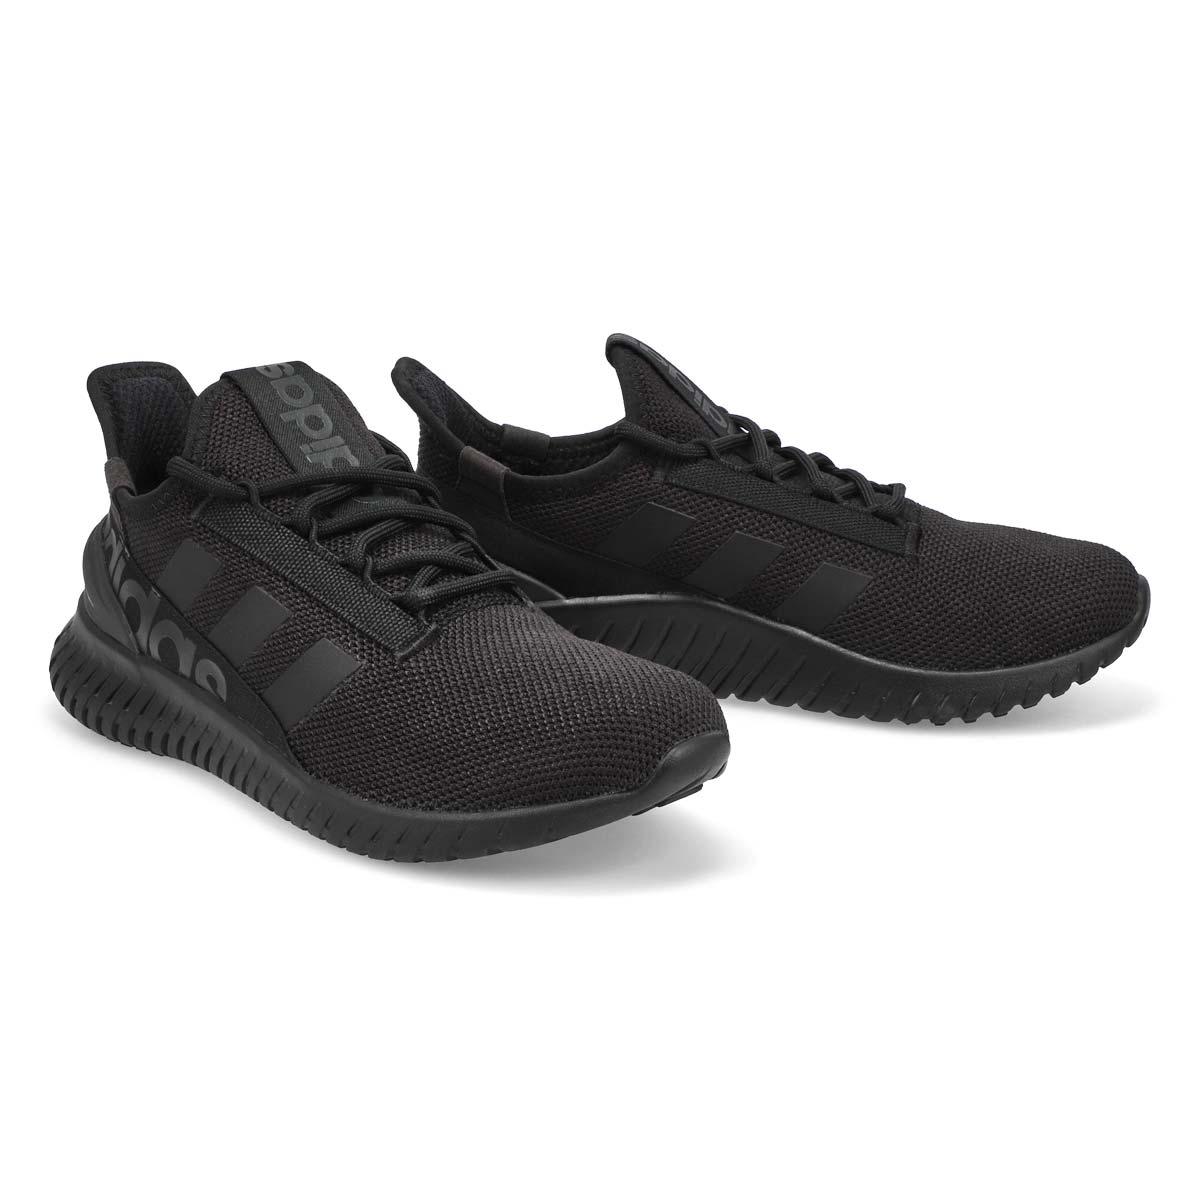 Men's Kaptir 2.0 Running Shoe - Black